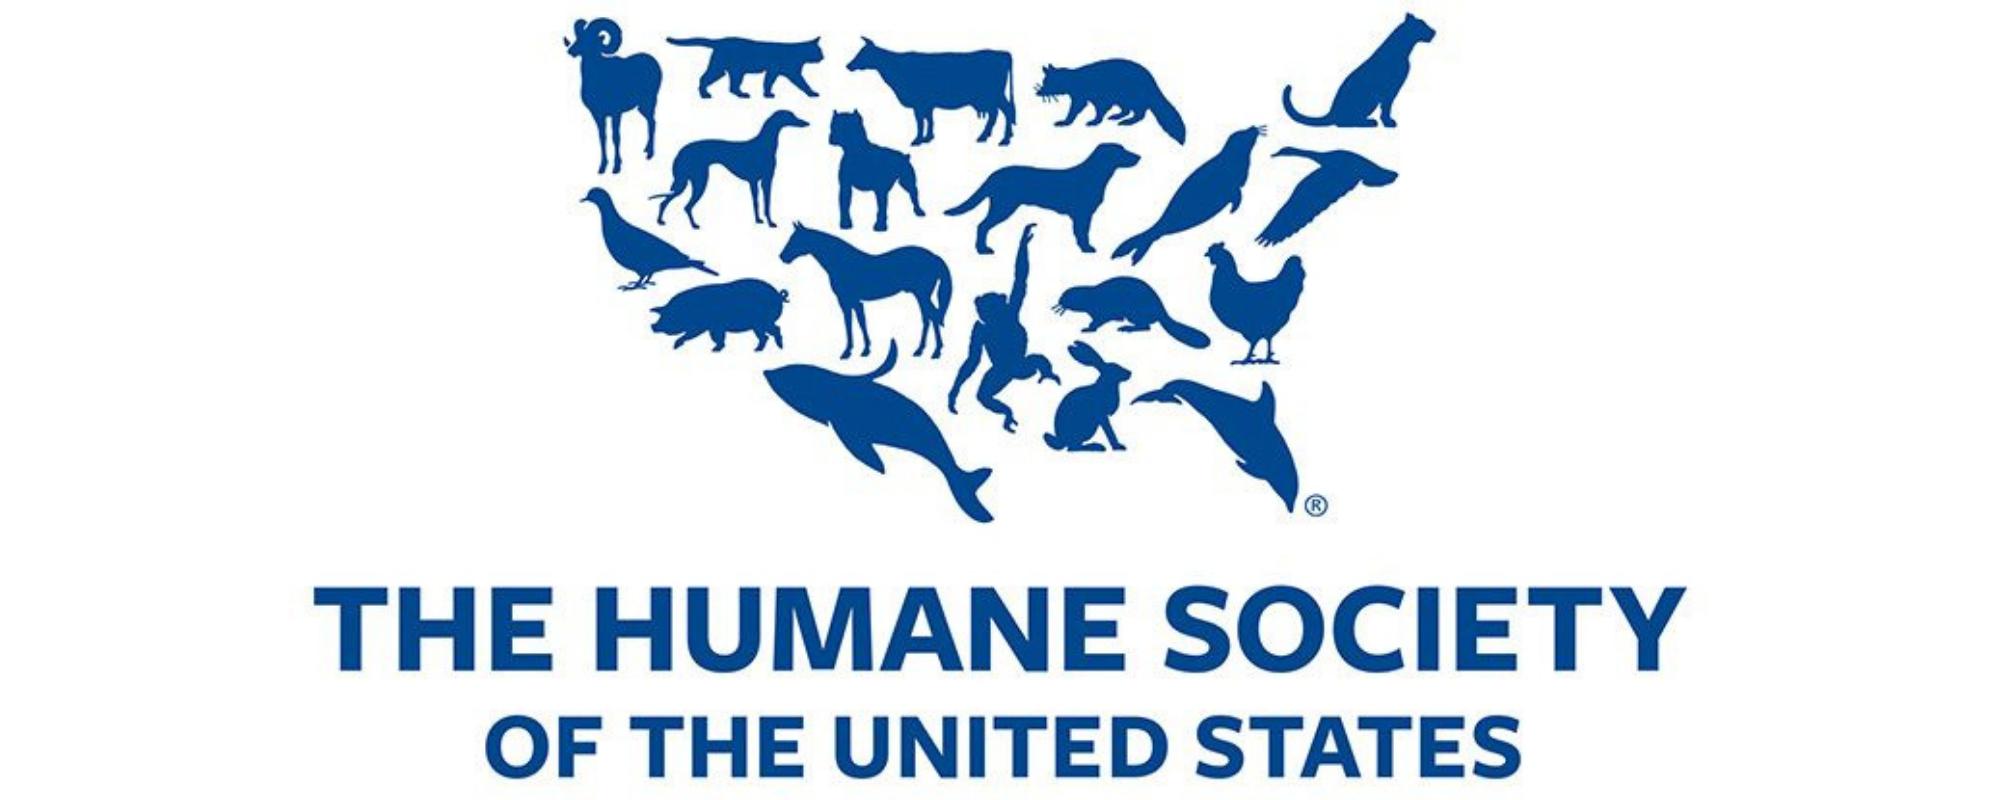 Humane Society Of The United States Resize